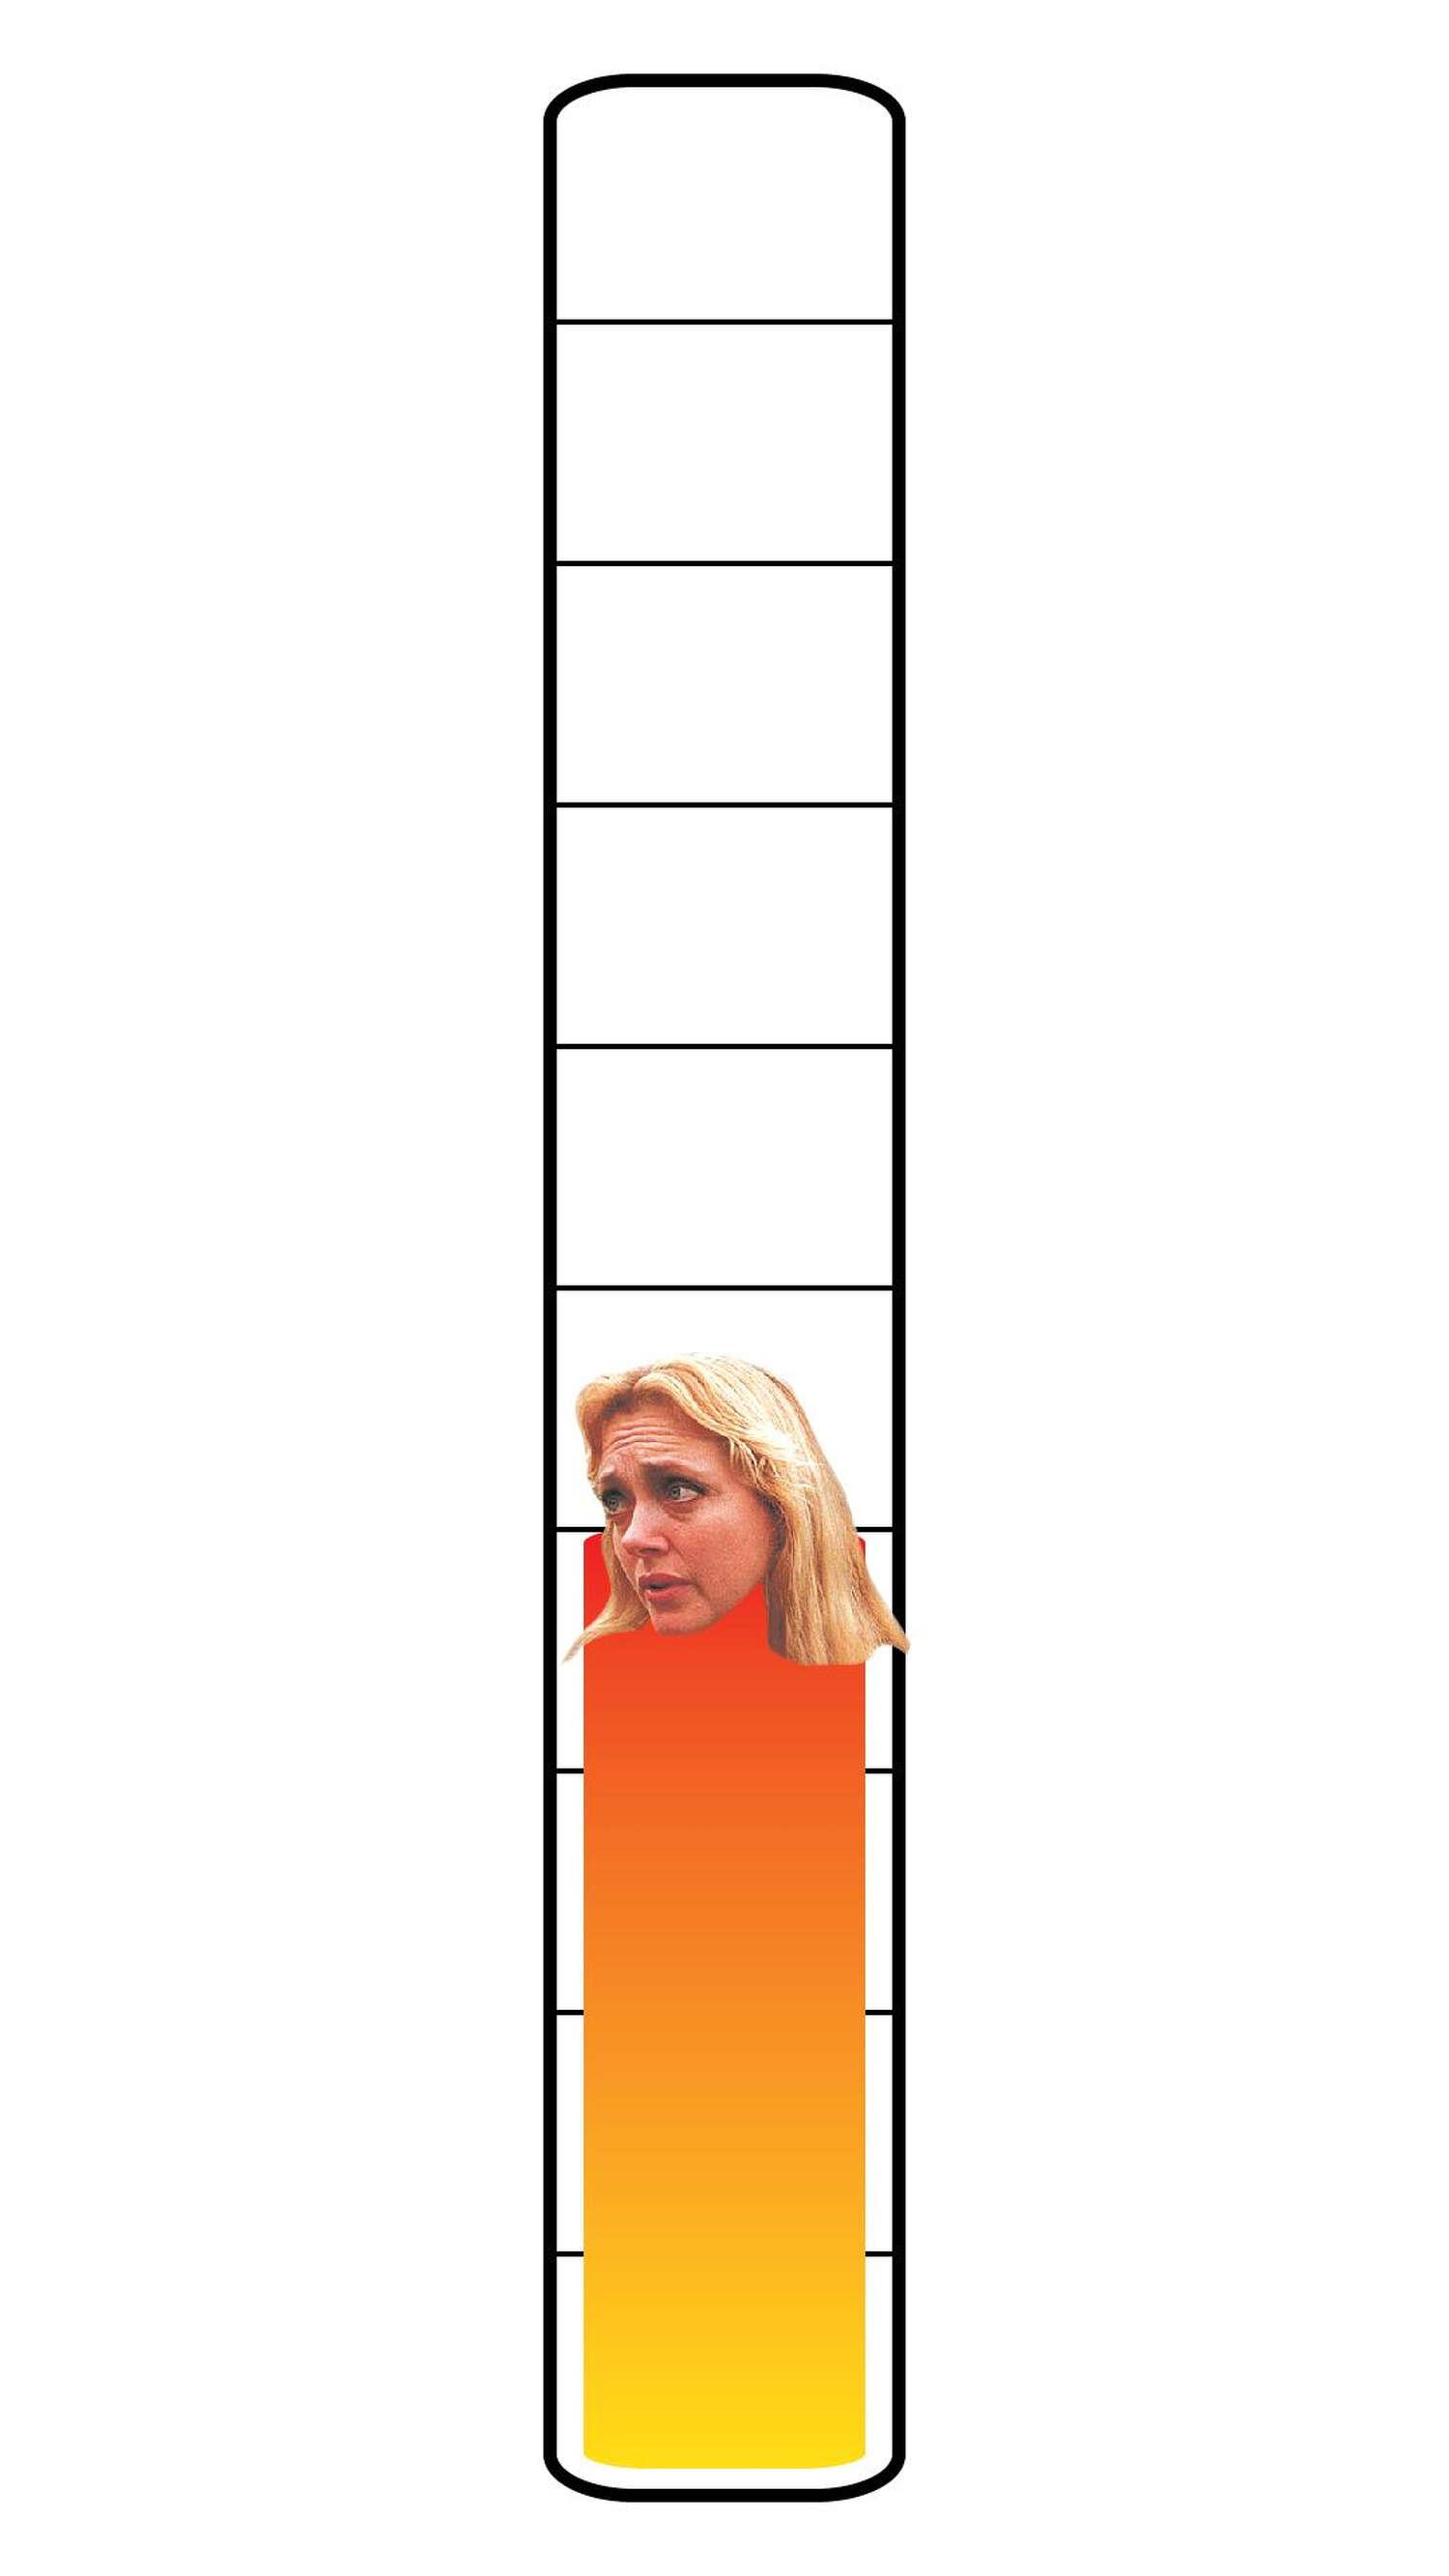 Meter: 4/10. Carole Baskin icon.